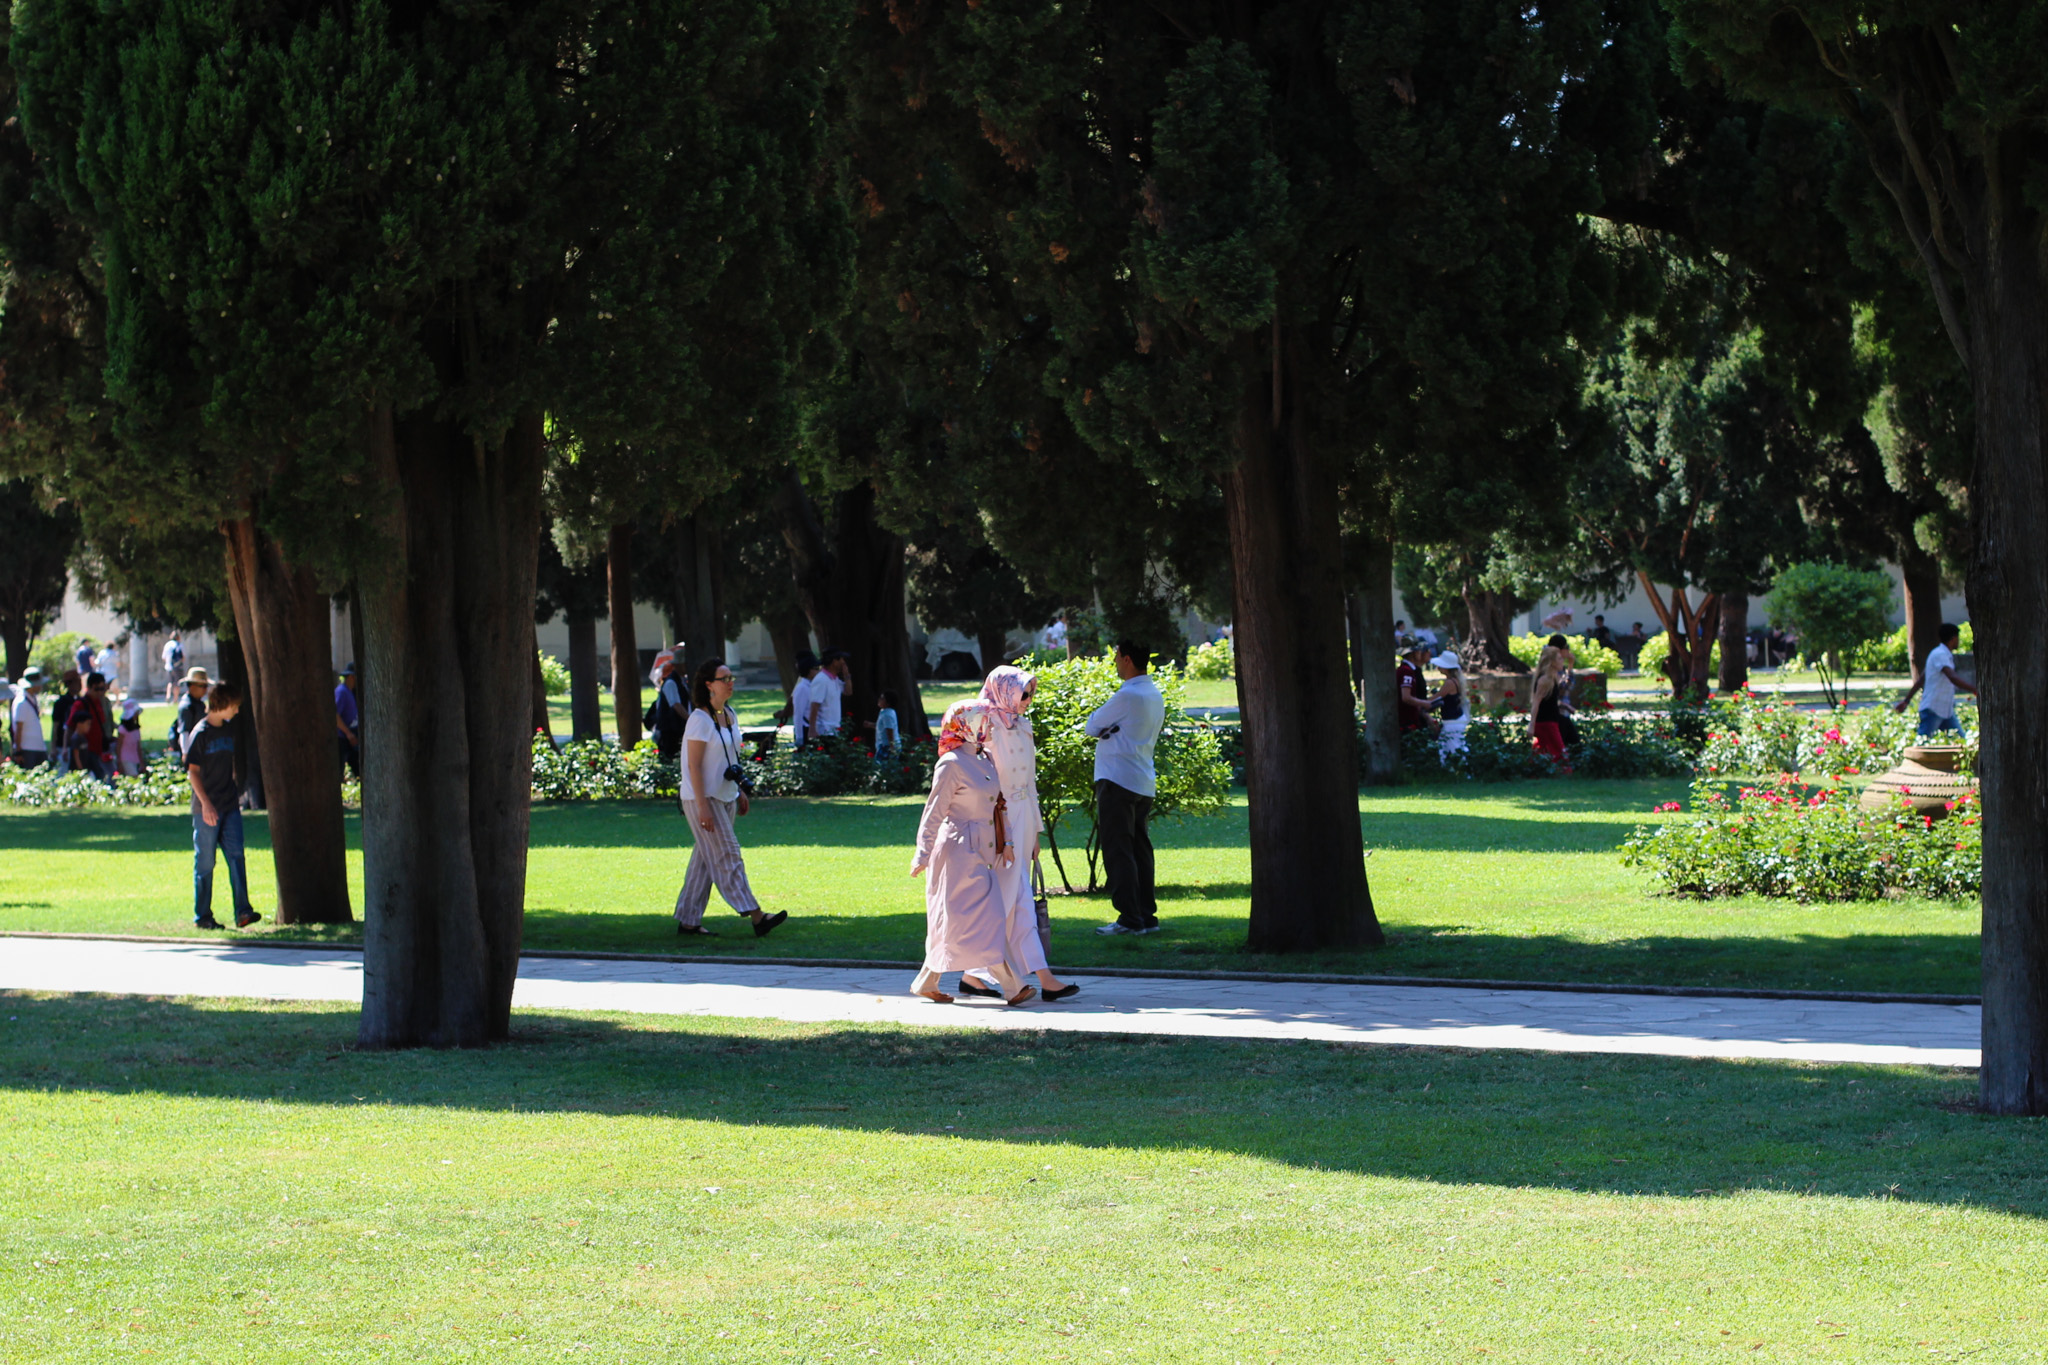 istanbul-peeks-2010-rfm-life-4.jpg